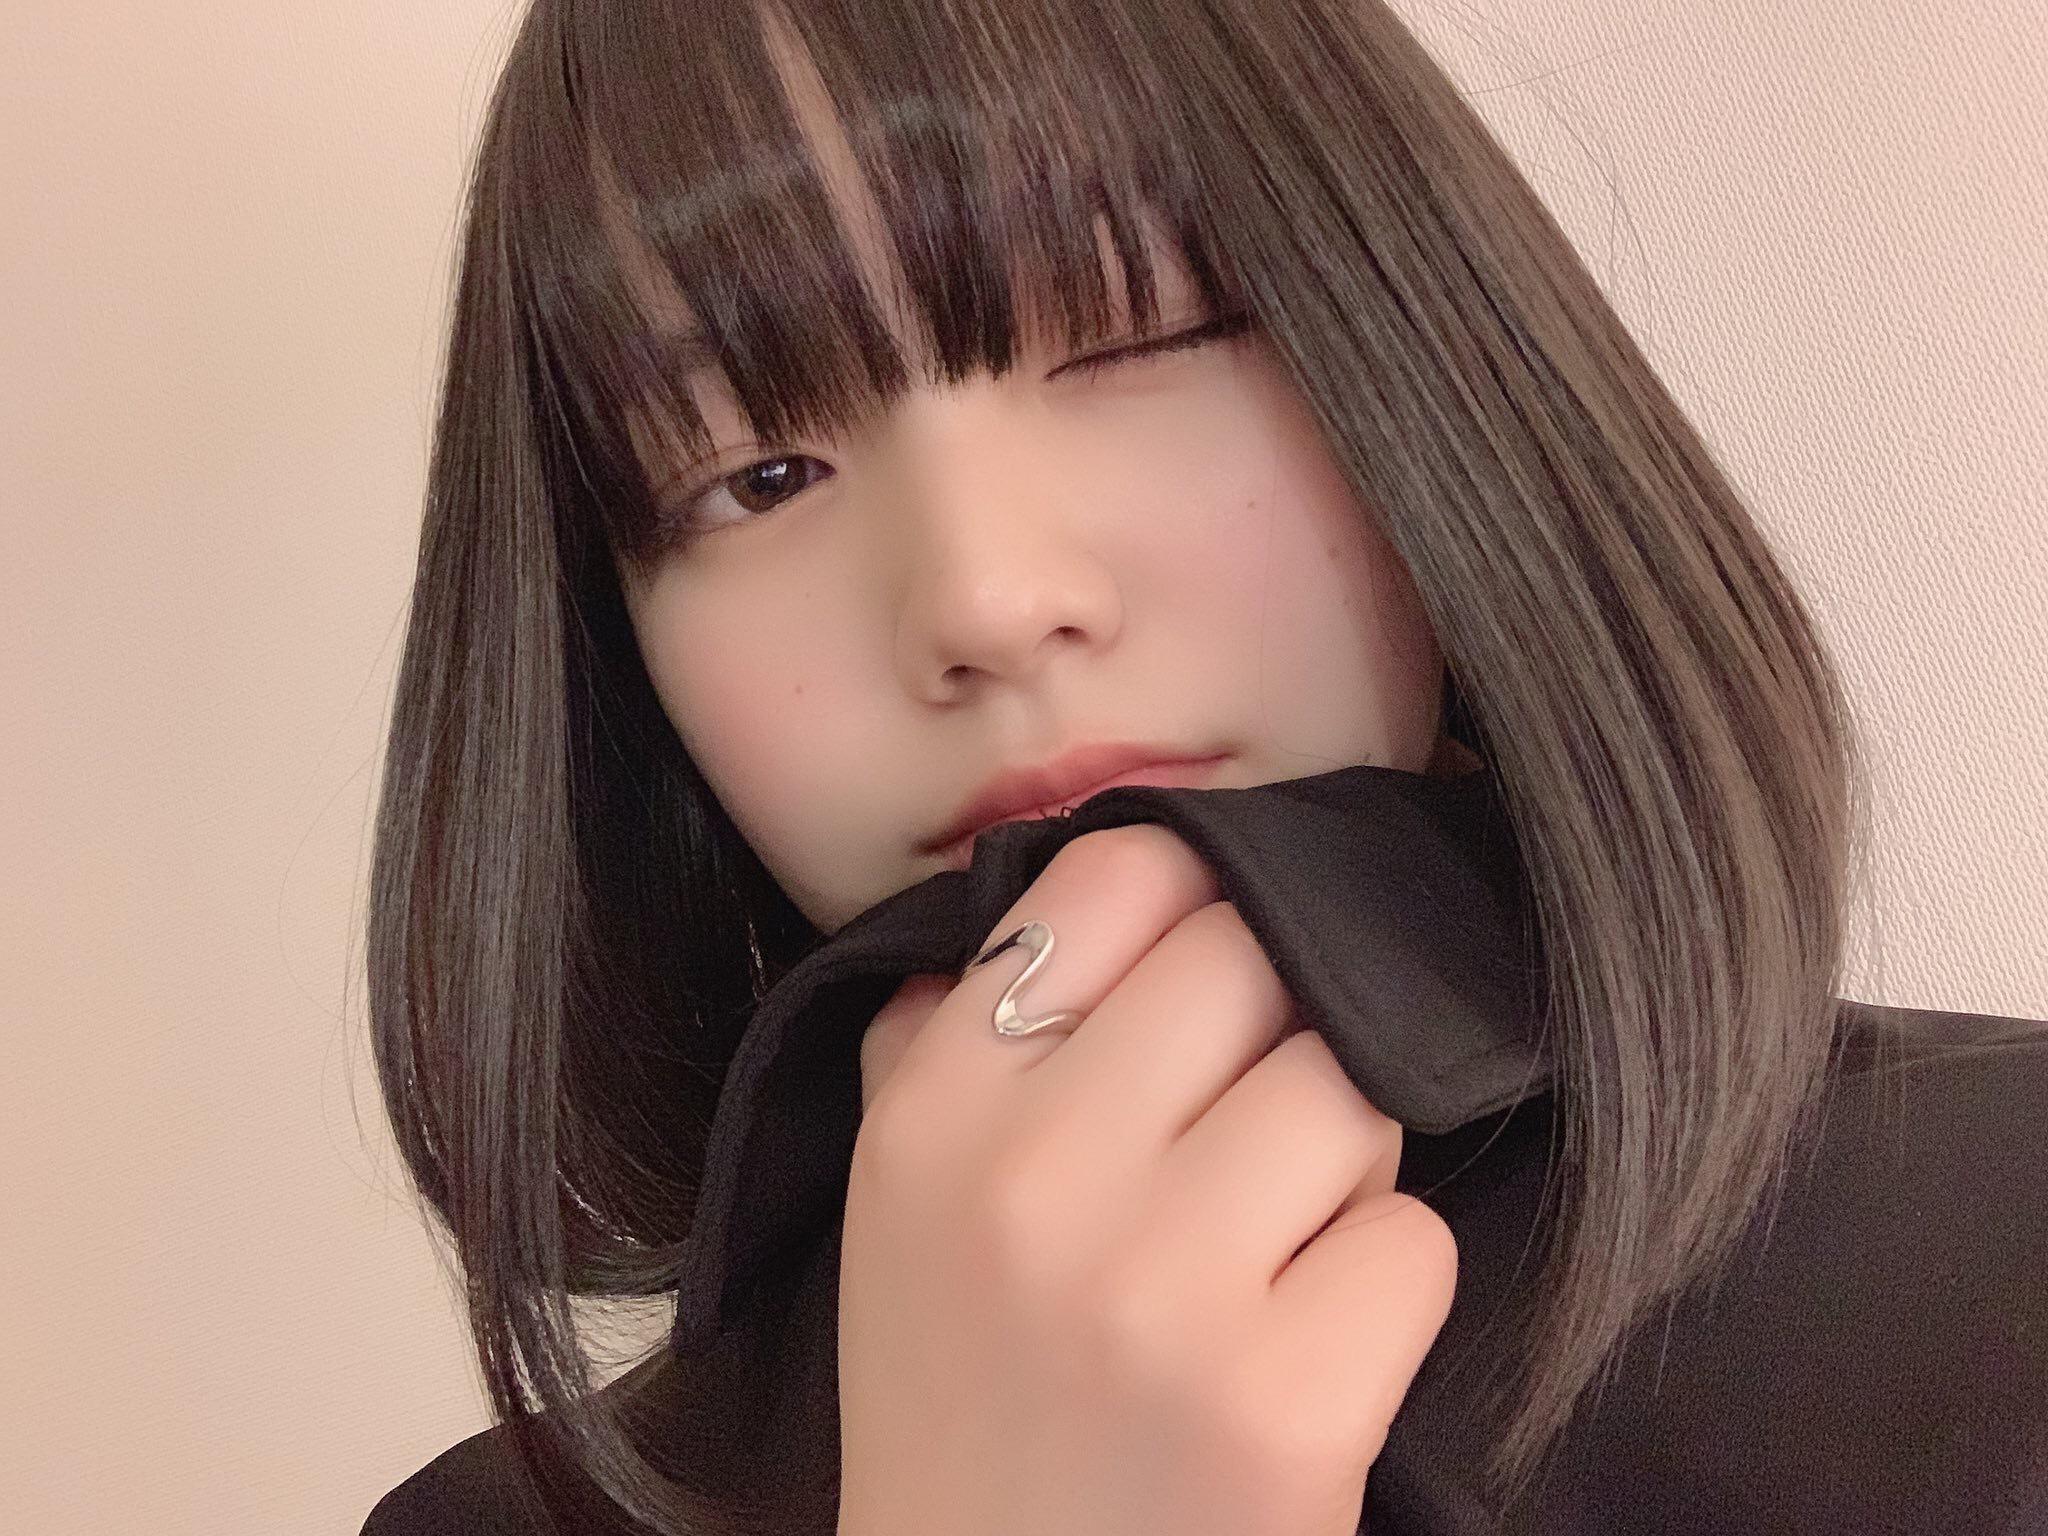 齋藤飛鳥主演『ザンビ』出演で噂の美少女、存在感に絶賛の声